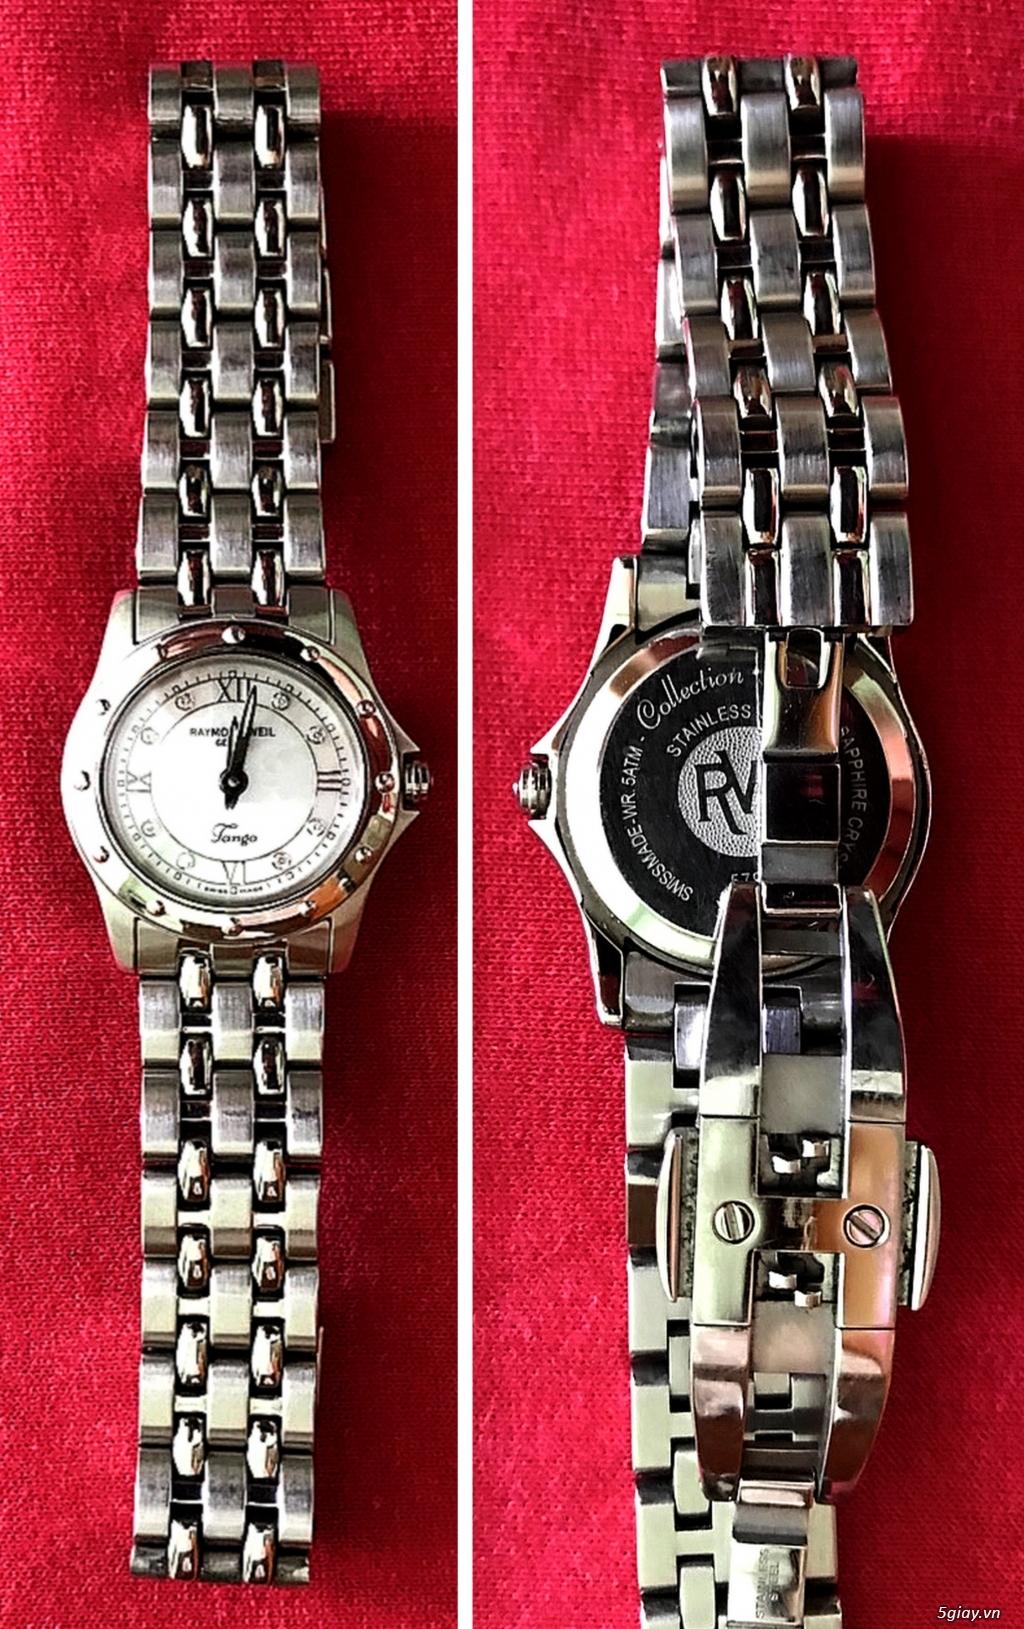 Bán đồng hồ SWISS, hàng linh tinh xách tay Mỹ về...có cập nhật hàng mới thường xuyên. - 2